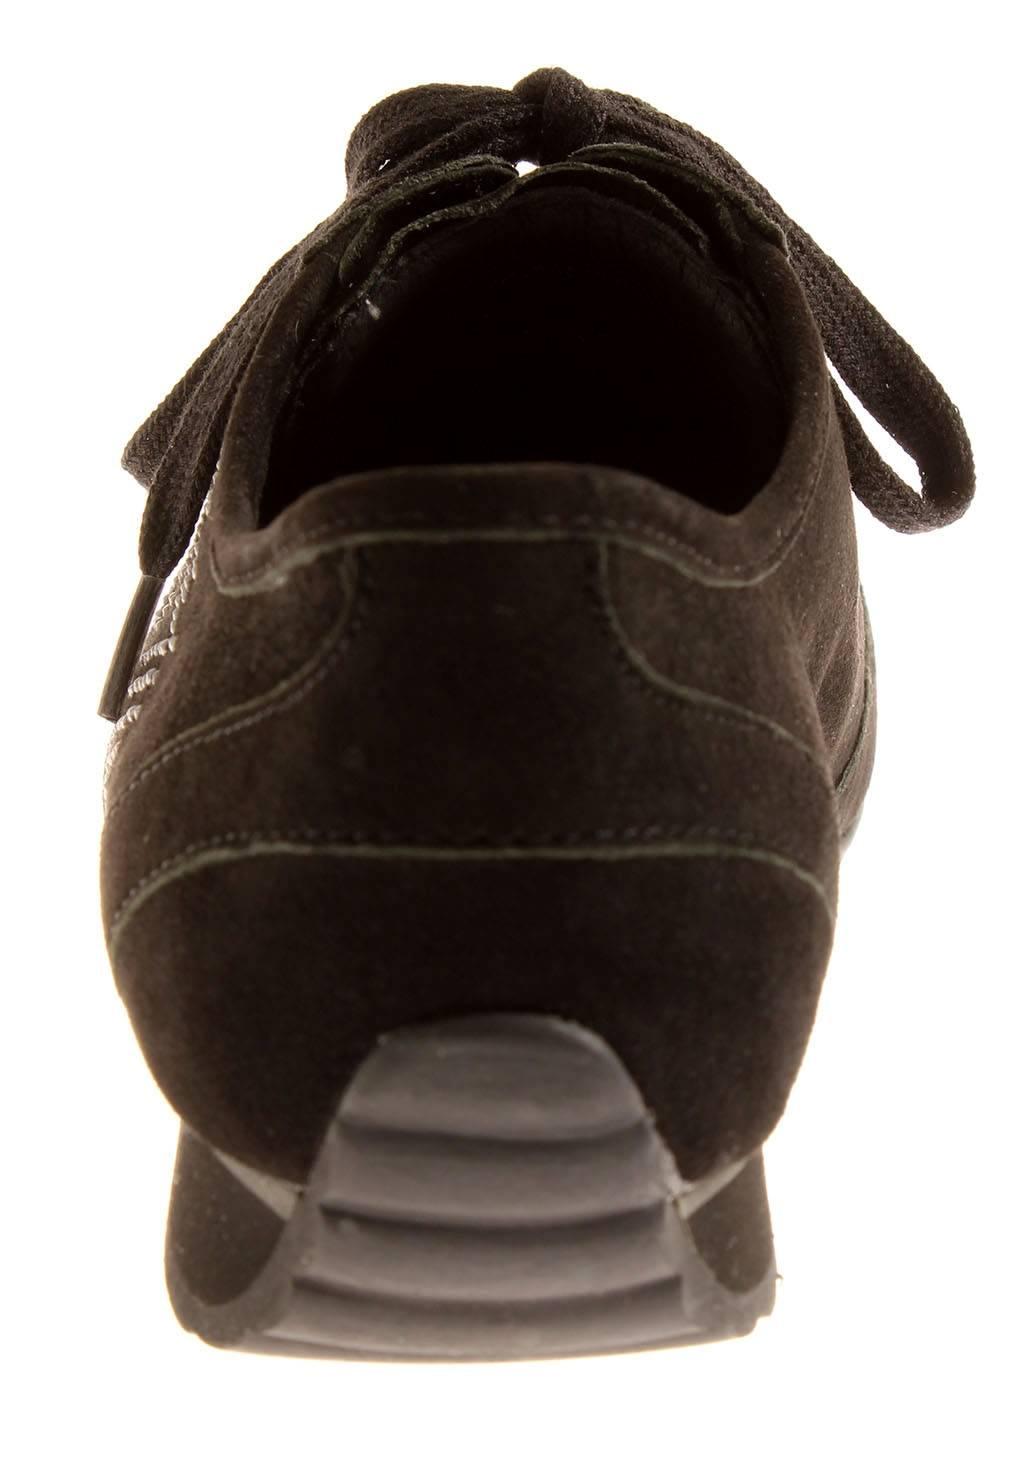 Gabor 76.355 Damen Einlagen Schnürer Sneaker Leder Schuhe Einlagen Damen G 7f915f